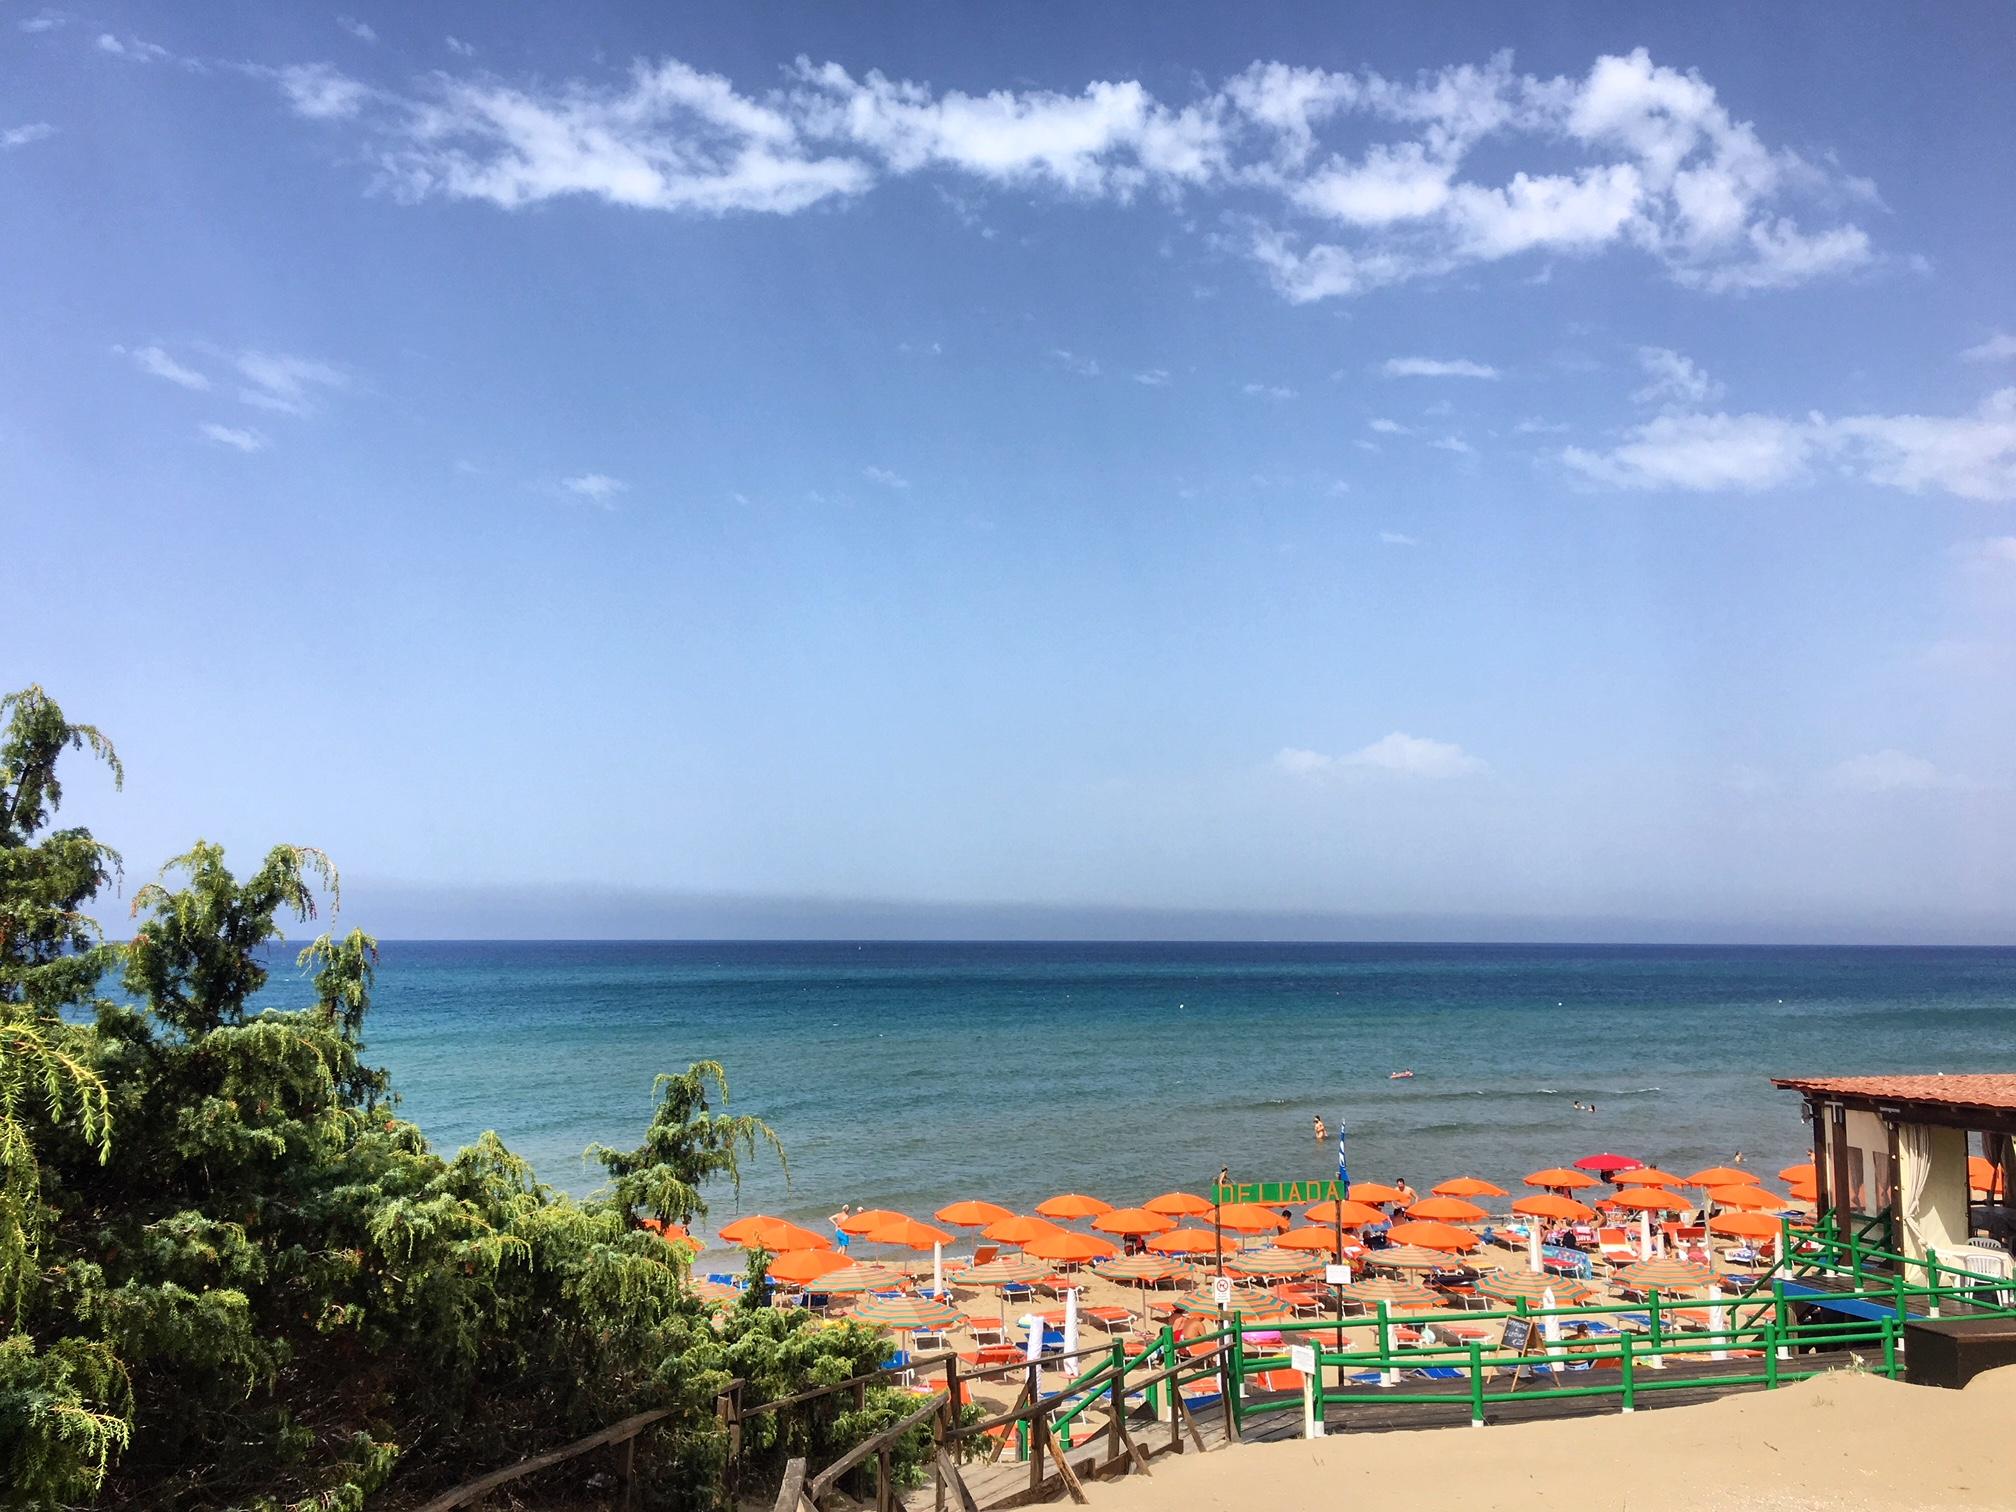 Дикий или оборудованный: лучшие пляжи Италии